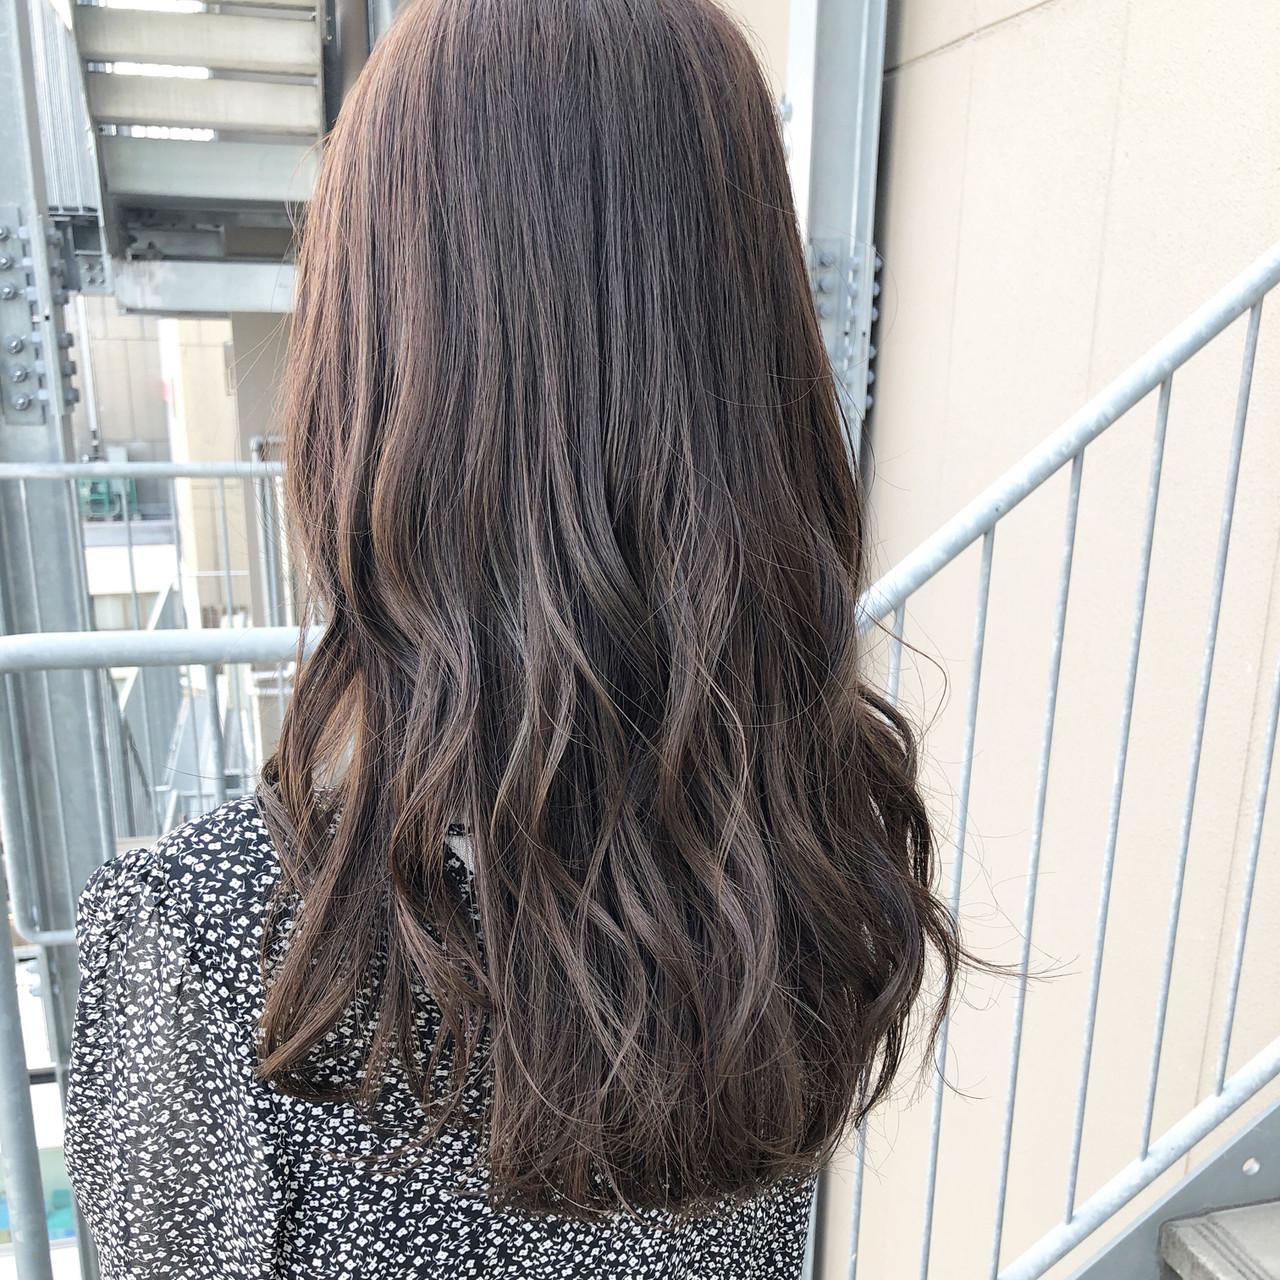 ヌーディーベージュ ミディアム デート ナチュラル可愛い ヘアスタイルや髪型の写真・画像   坂本圭太朗 / bado